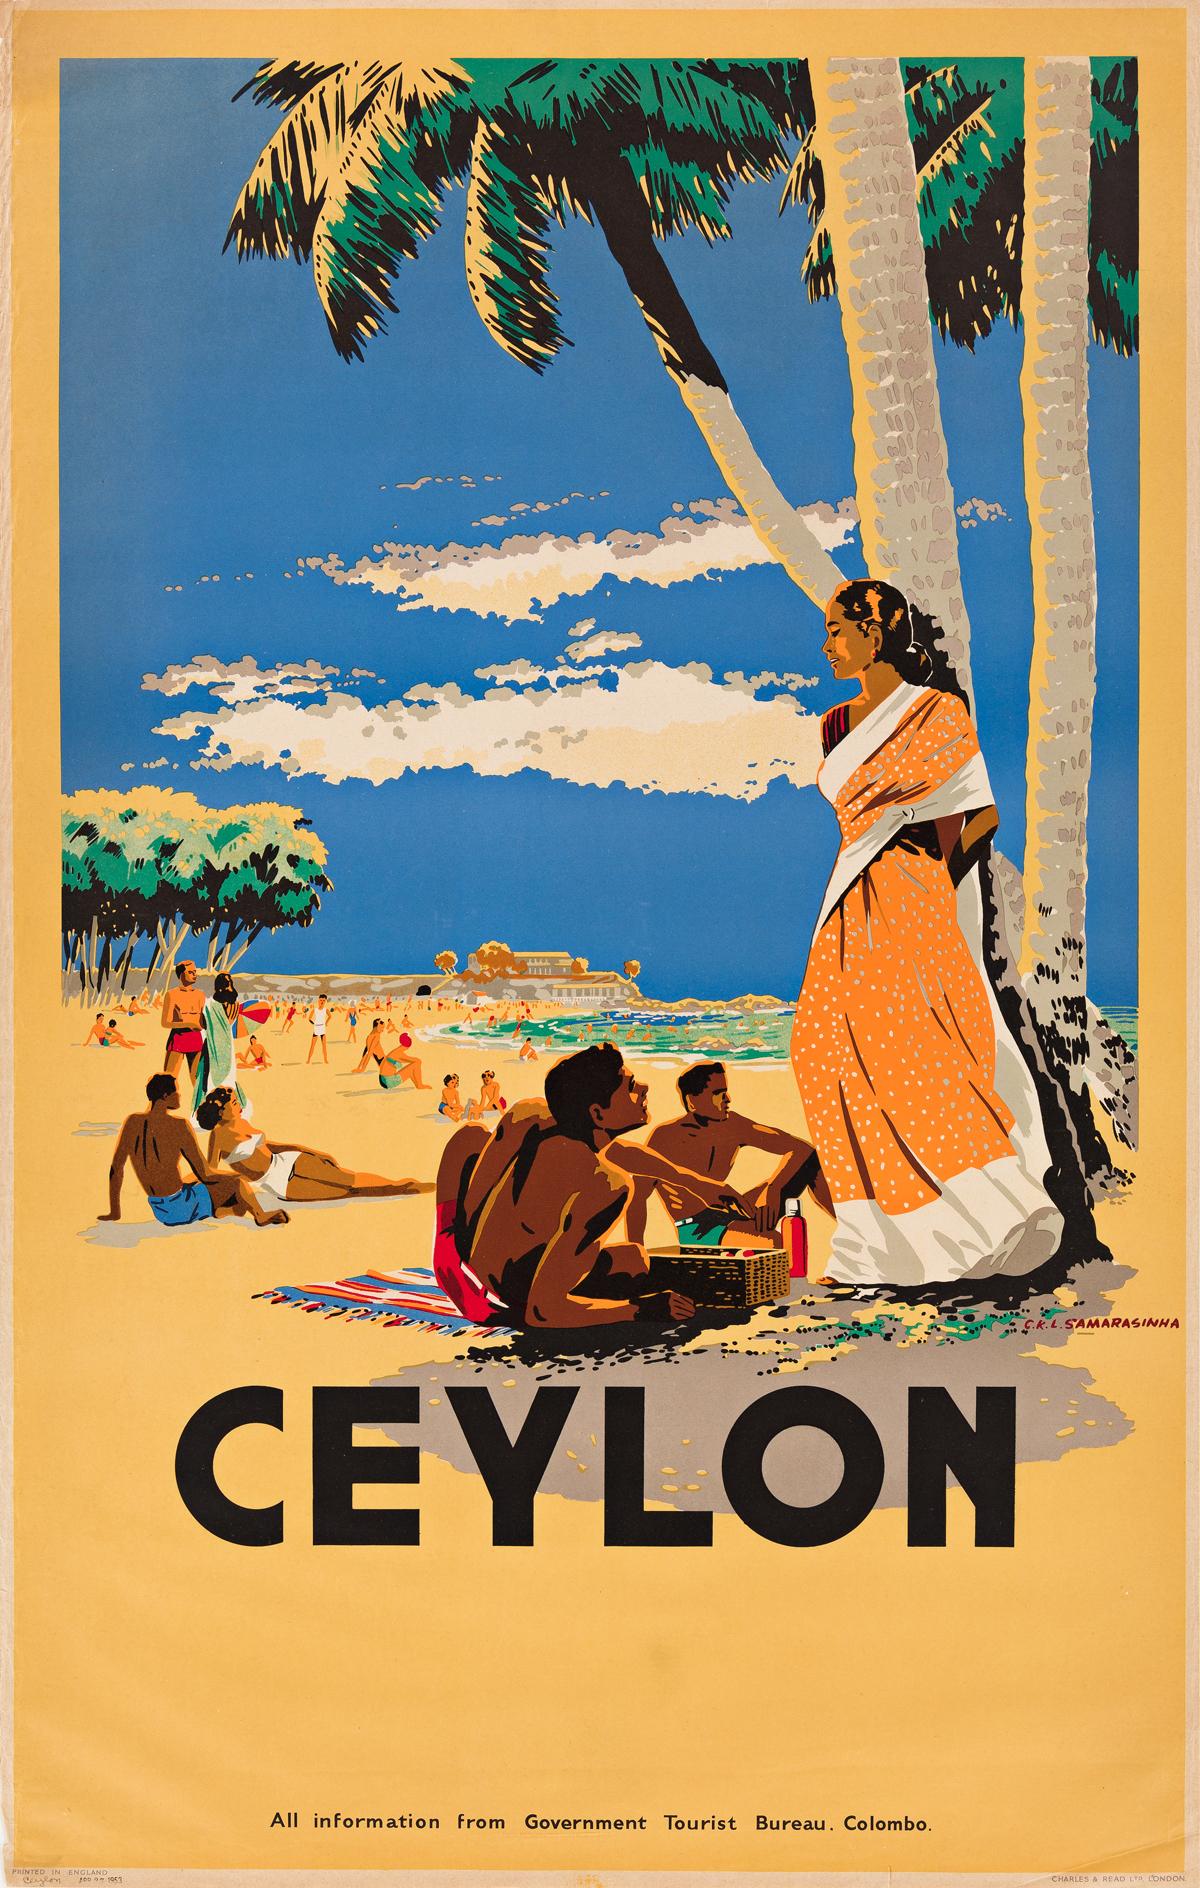 C. K. L. Samarasinha (1919-2003).  CEYLON. 1948. 40x25 inches, 102x65 cm. Charles & Read Ltd., London.